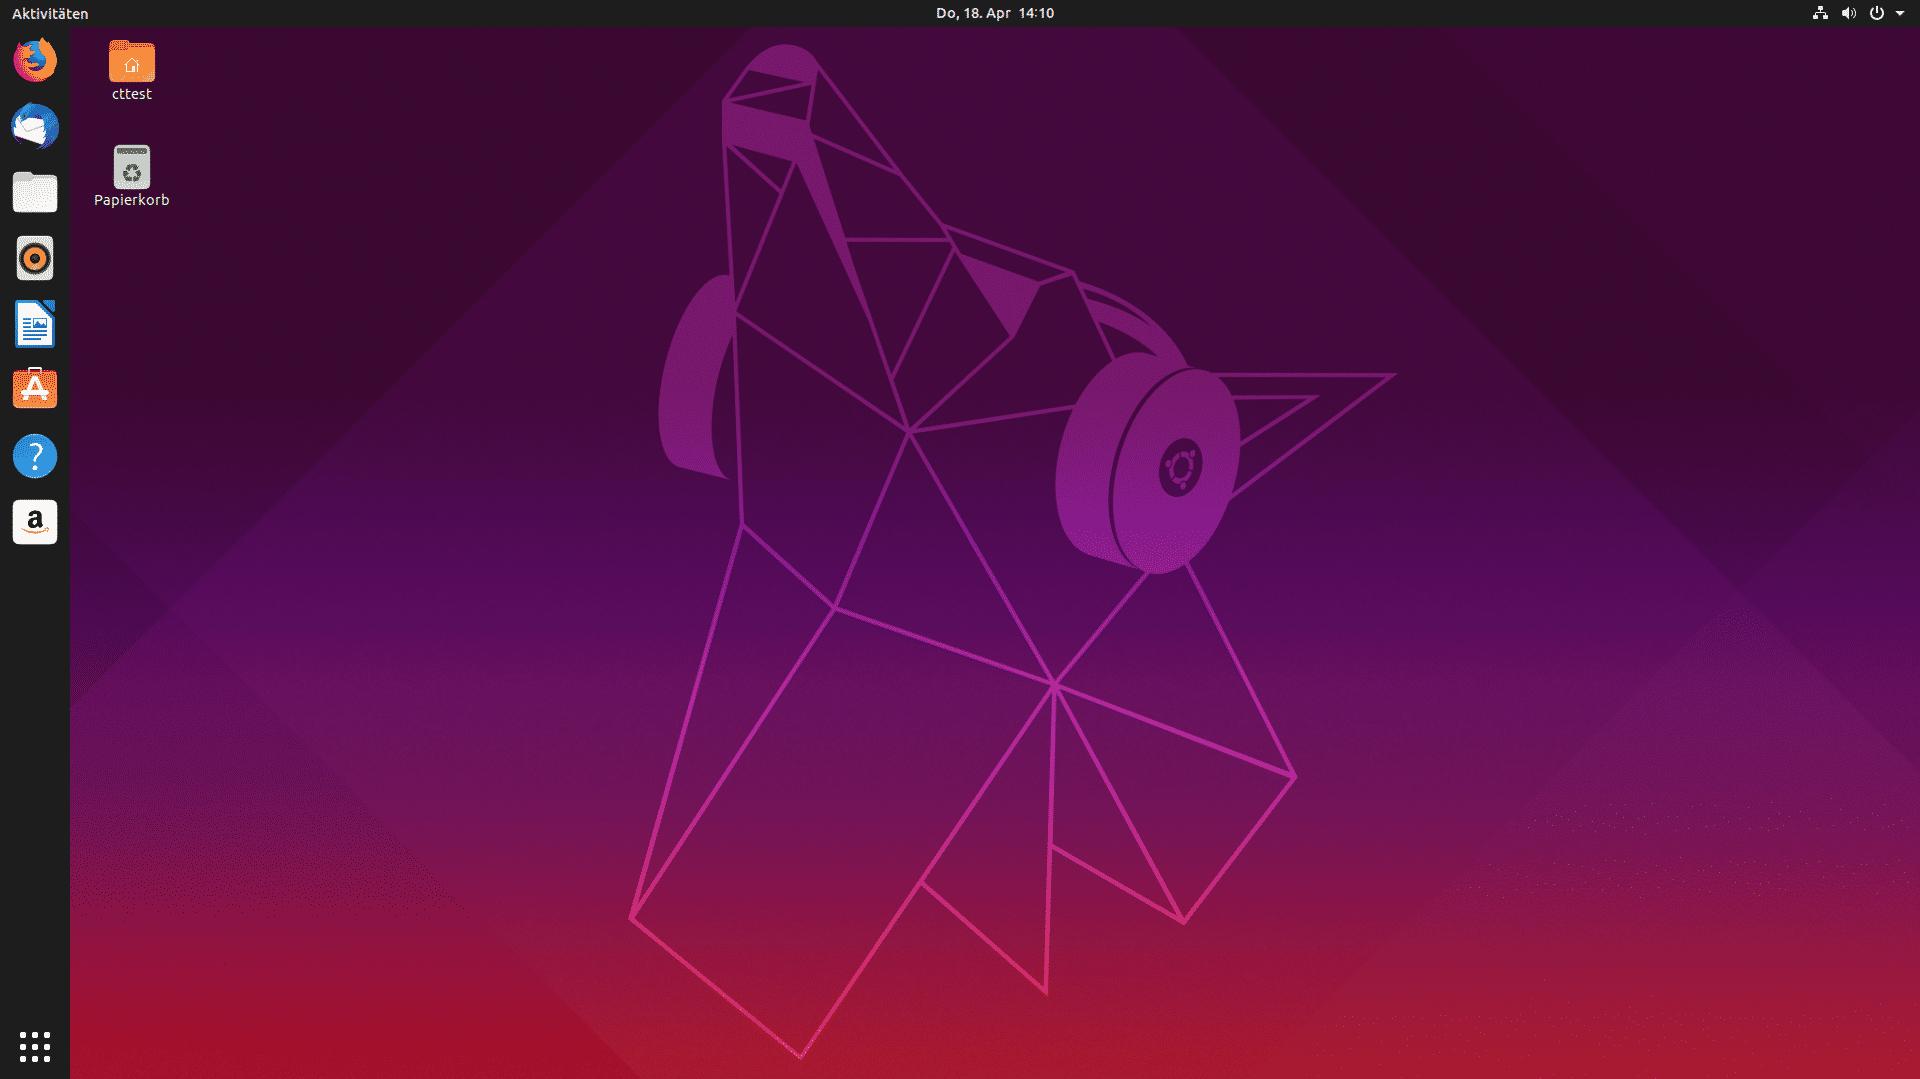 Ubuntu 19.04: Flinker ohne große Änderungen